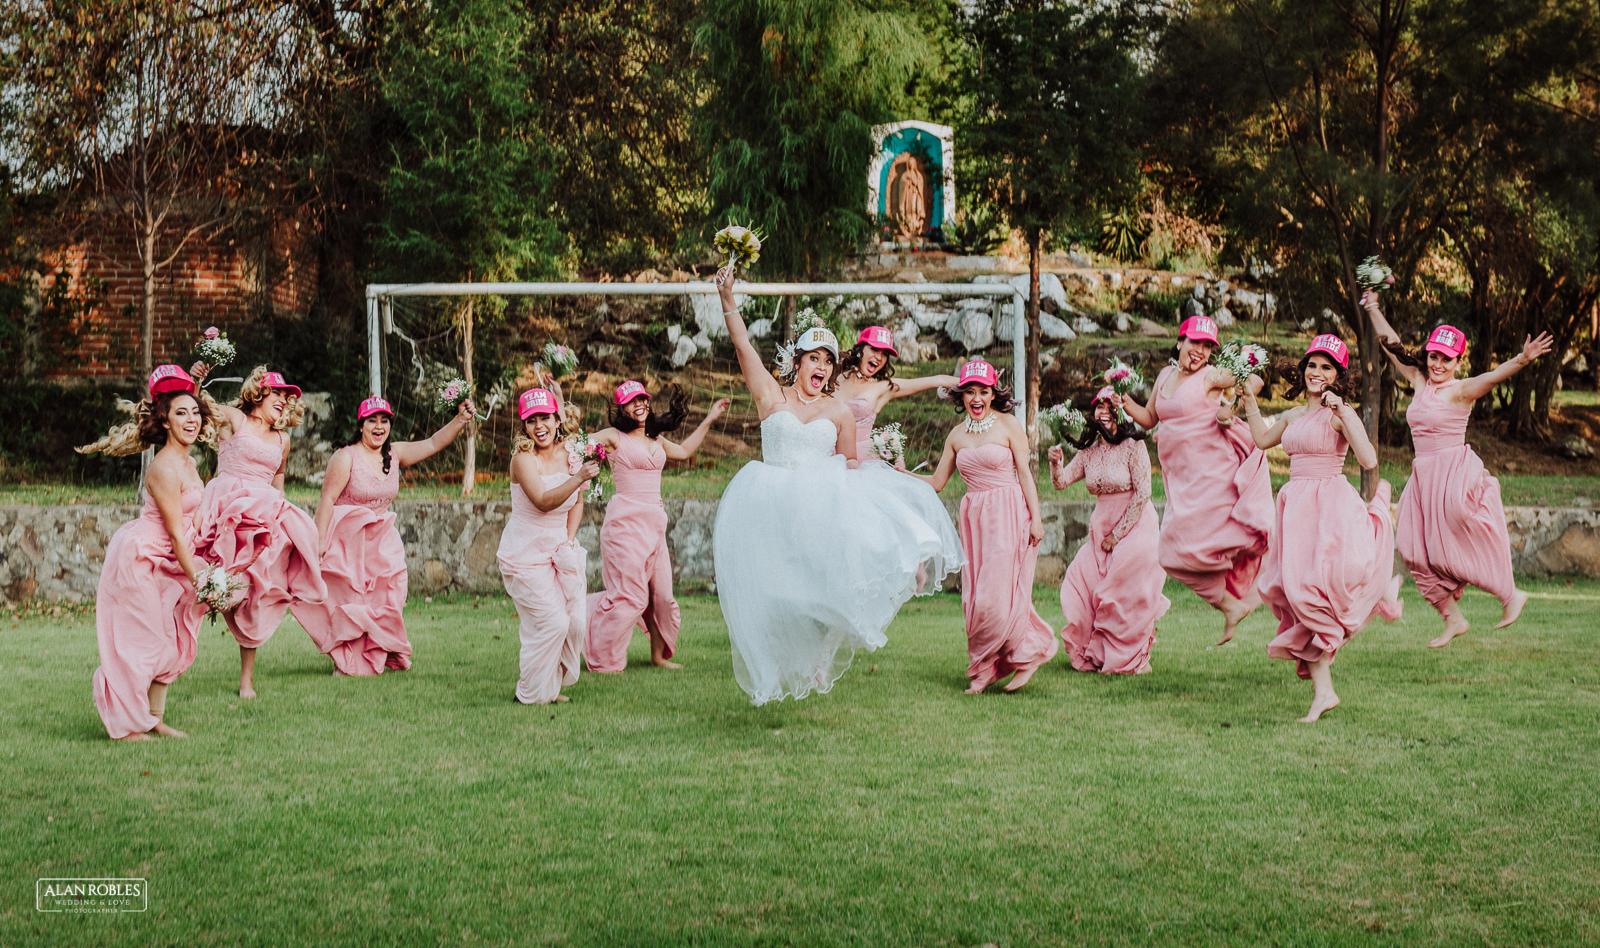 Fotografo de bodas Alan Robles-Michoacan-59